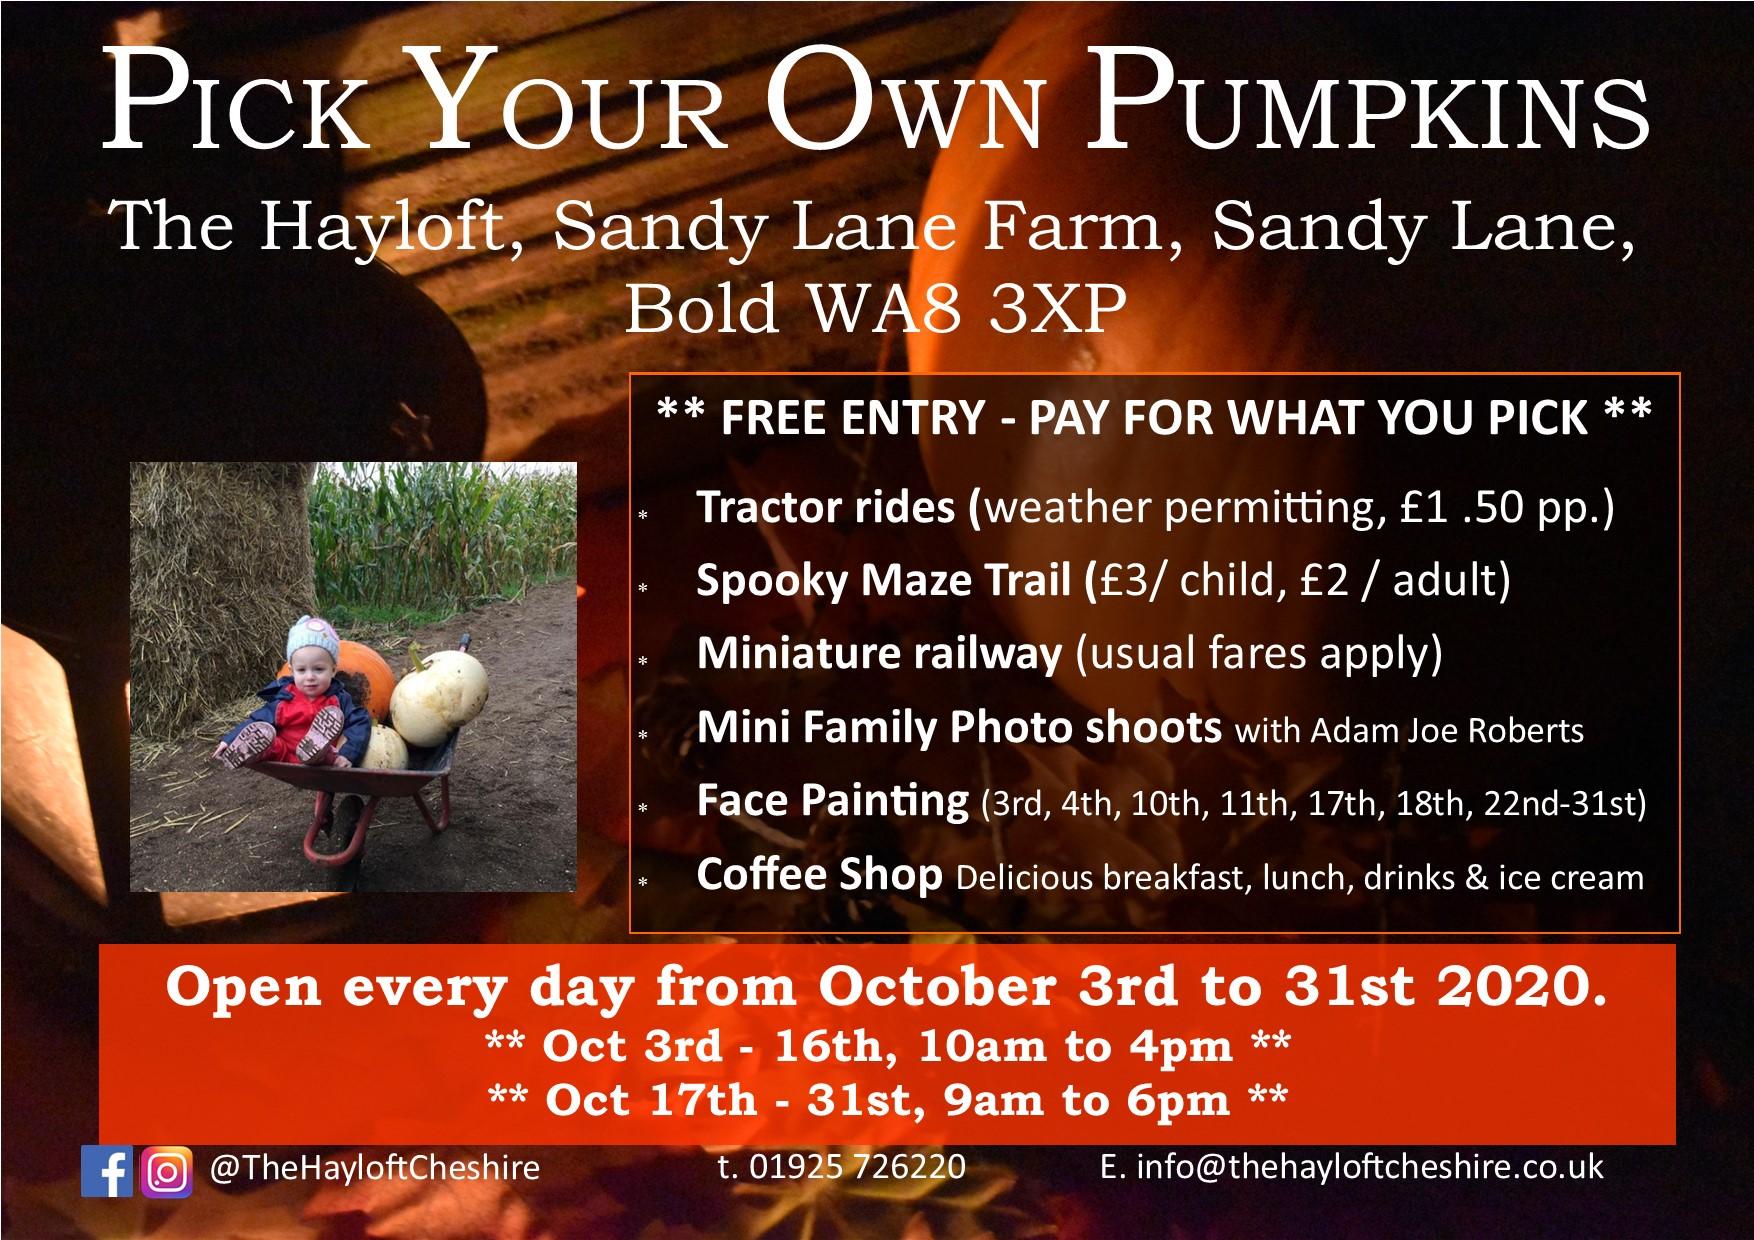 pumpkin picking widnes, pumpkin picking cheshire